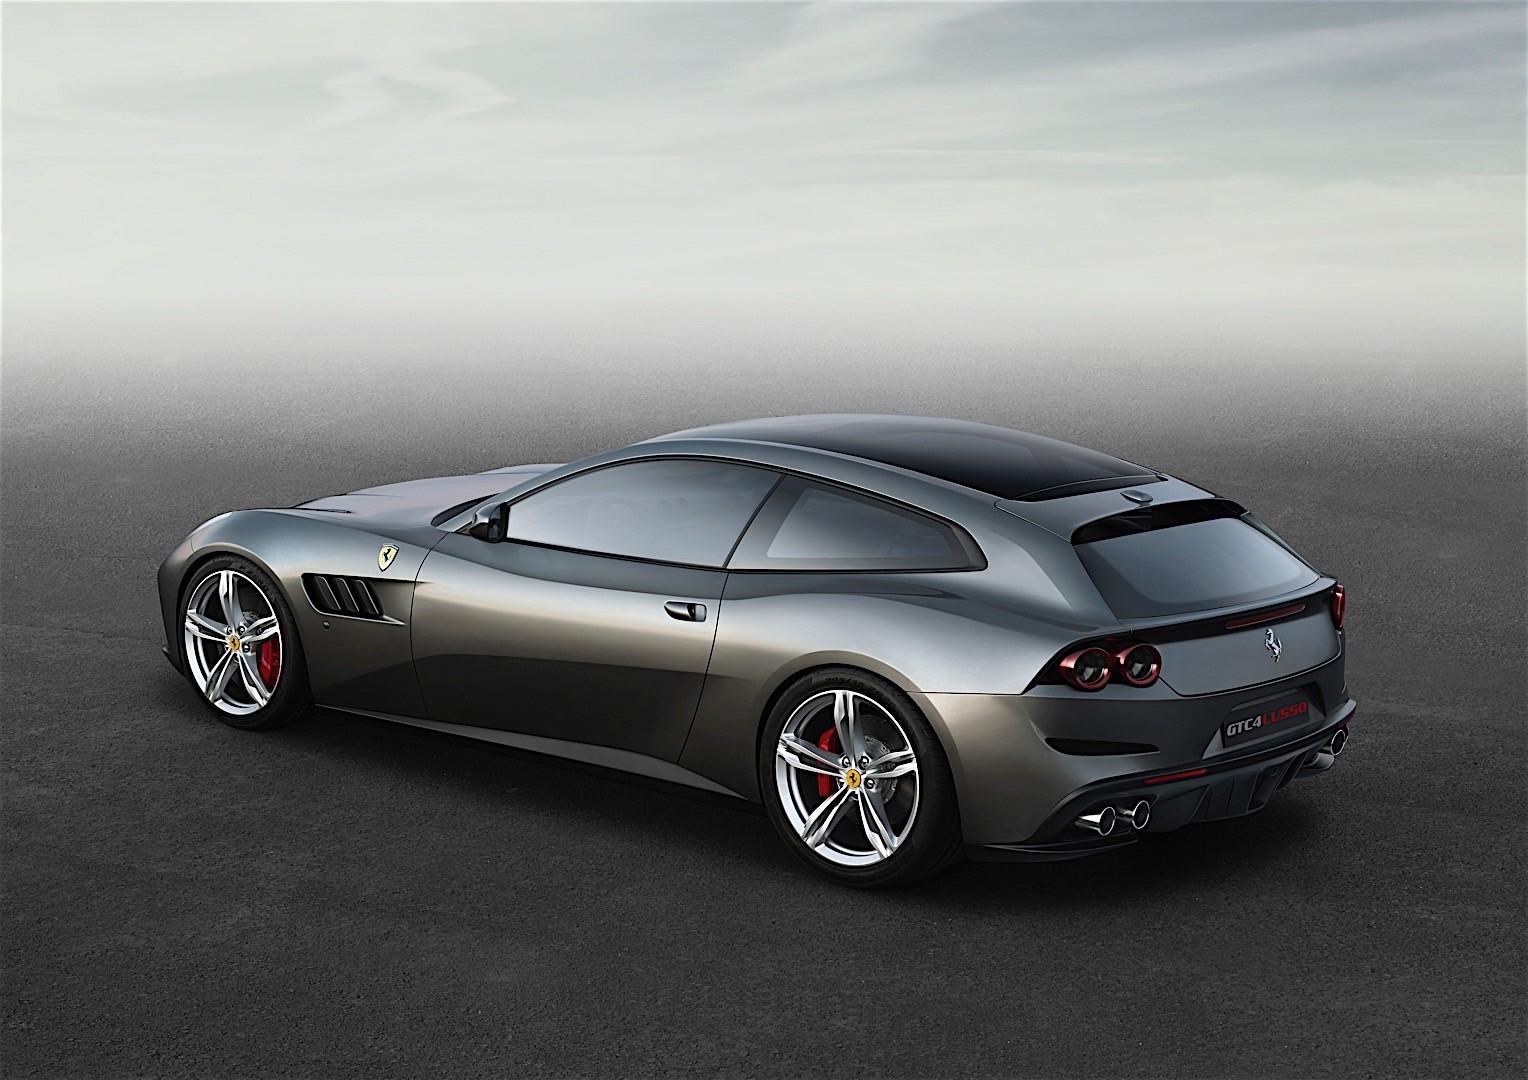 Ferrari Gtc4lusso Spezifikationen Fotos 2016 2017 2018 2019 2020 2021 Autoevolution In Deutscher Sprache